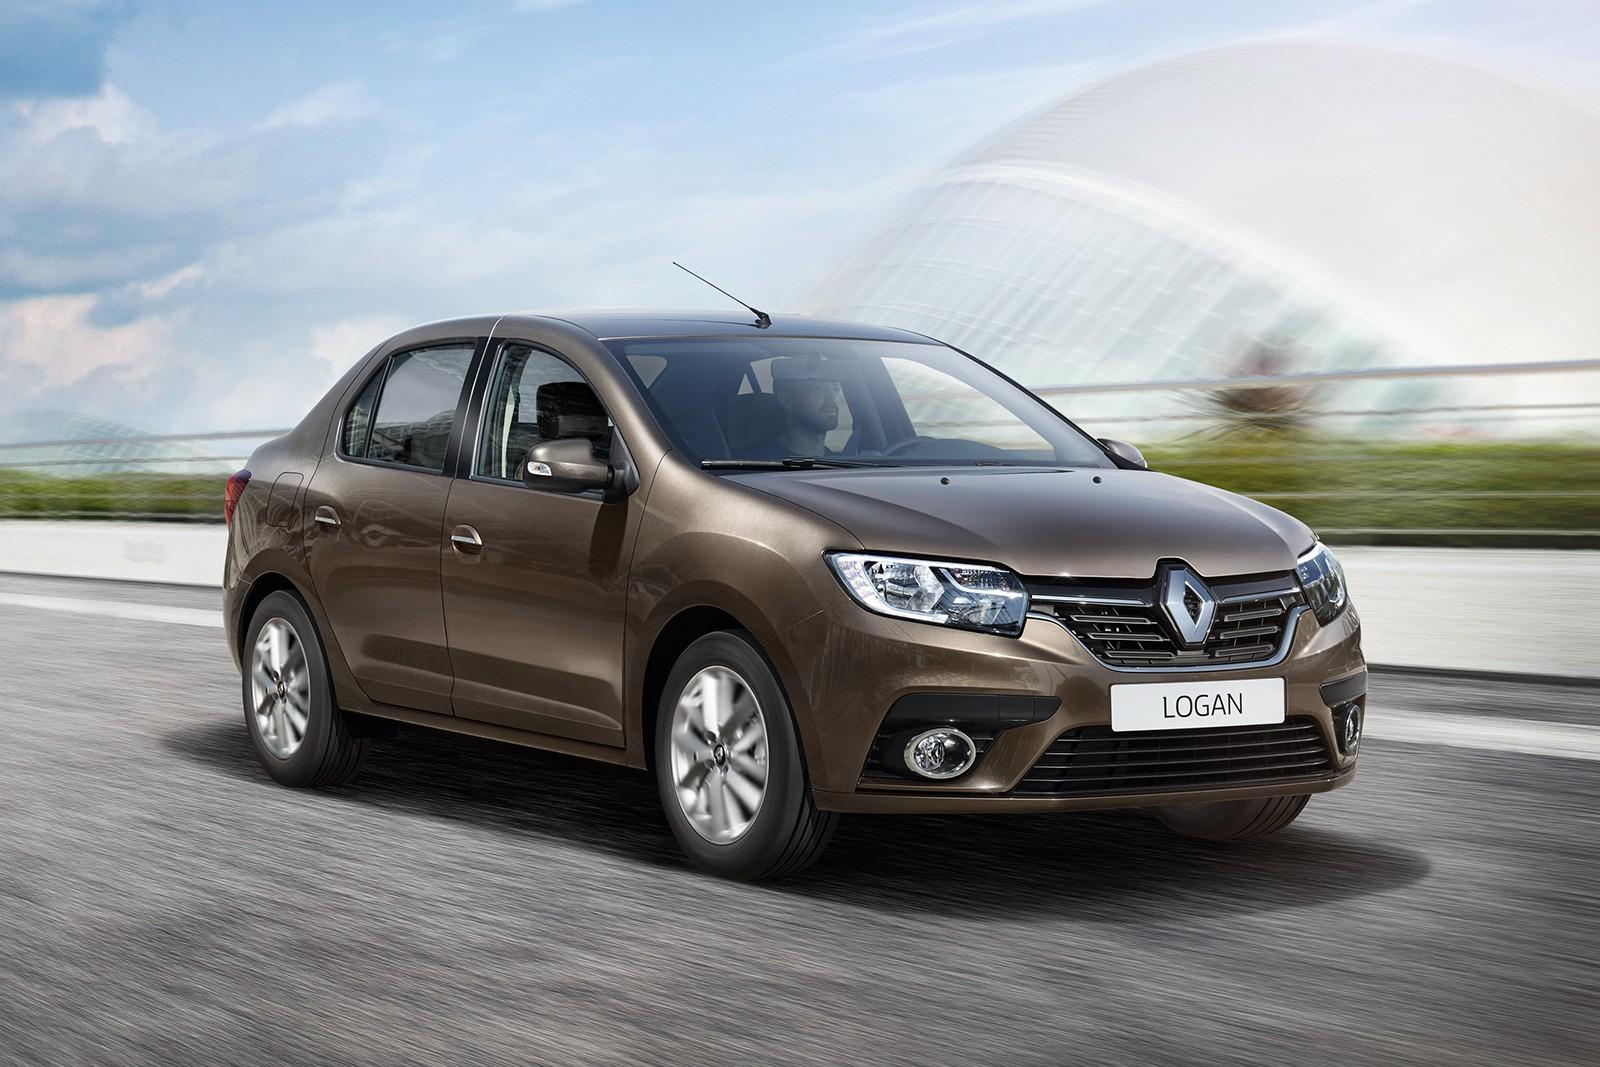 16 швов брака: Renault отзывает в РФ плохо сваренные Logan и Sandero